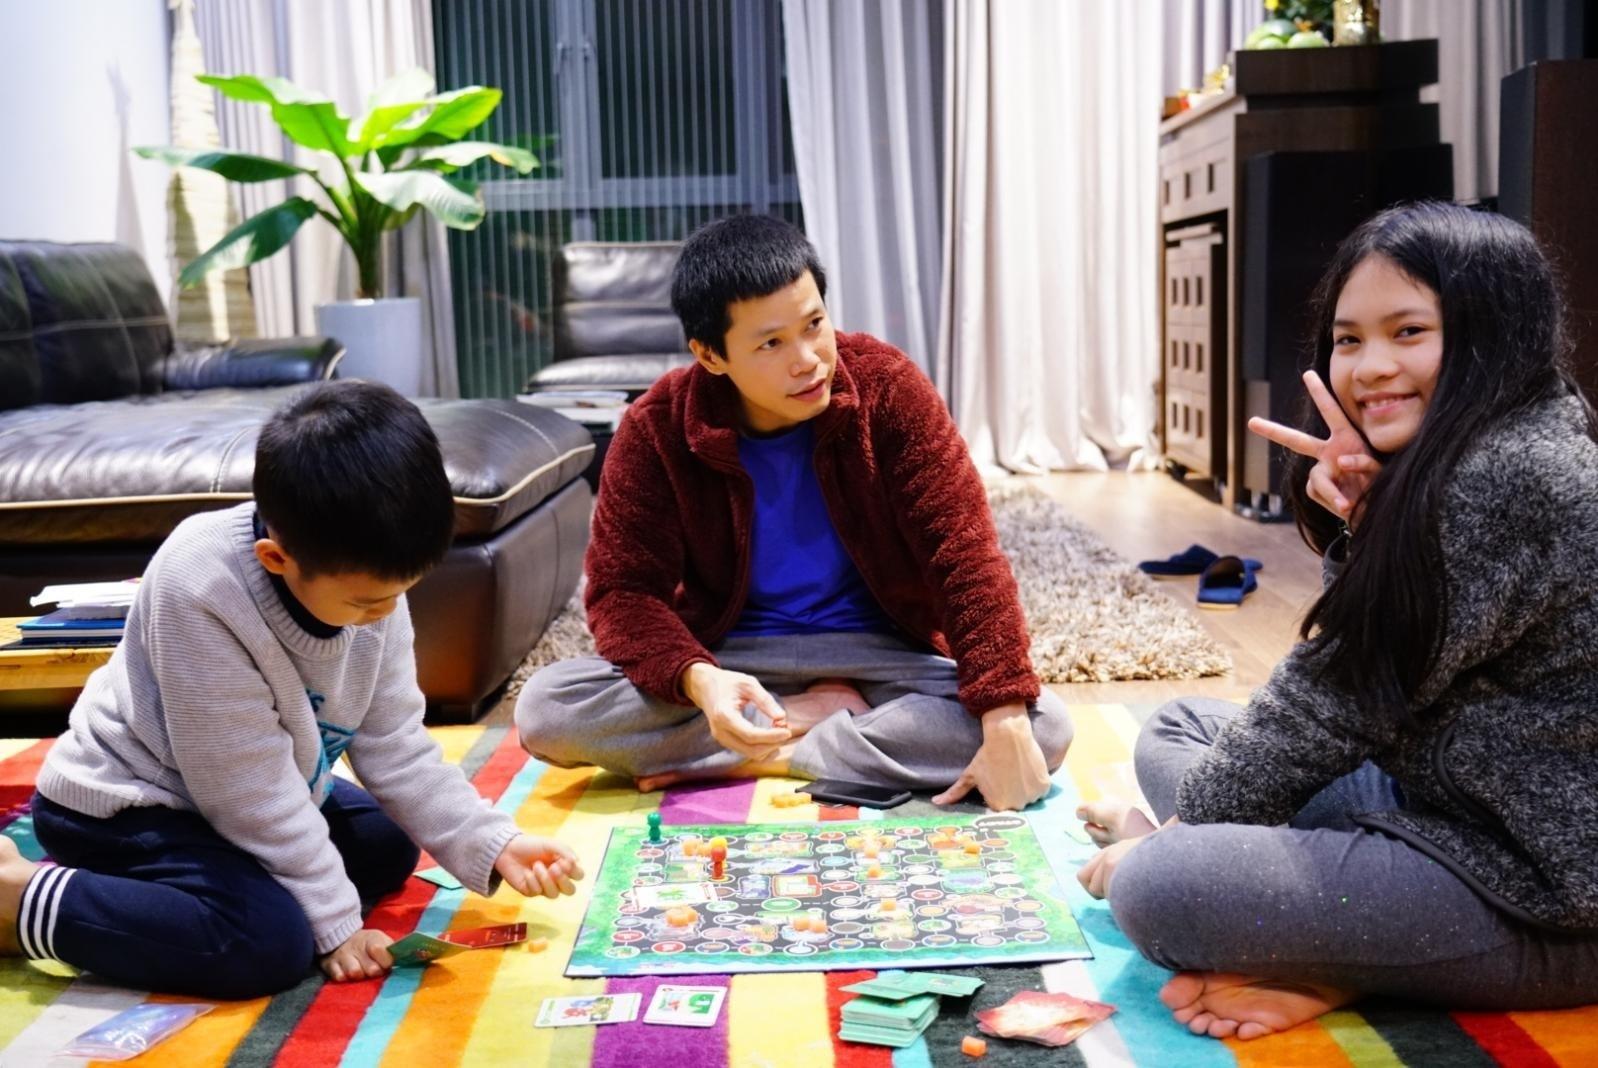 Muôn cách xoay xở của phụ huynh Hà Nội khi trường học 'đóng cửa'